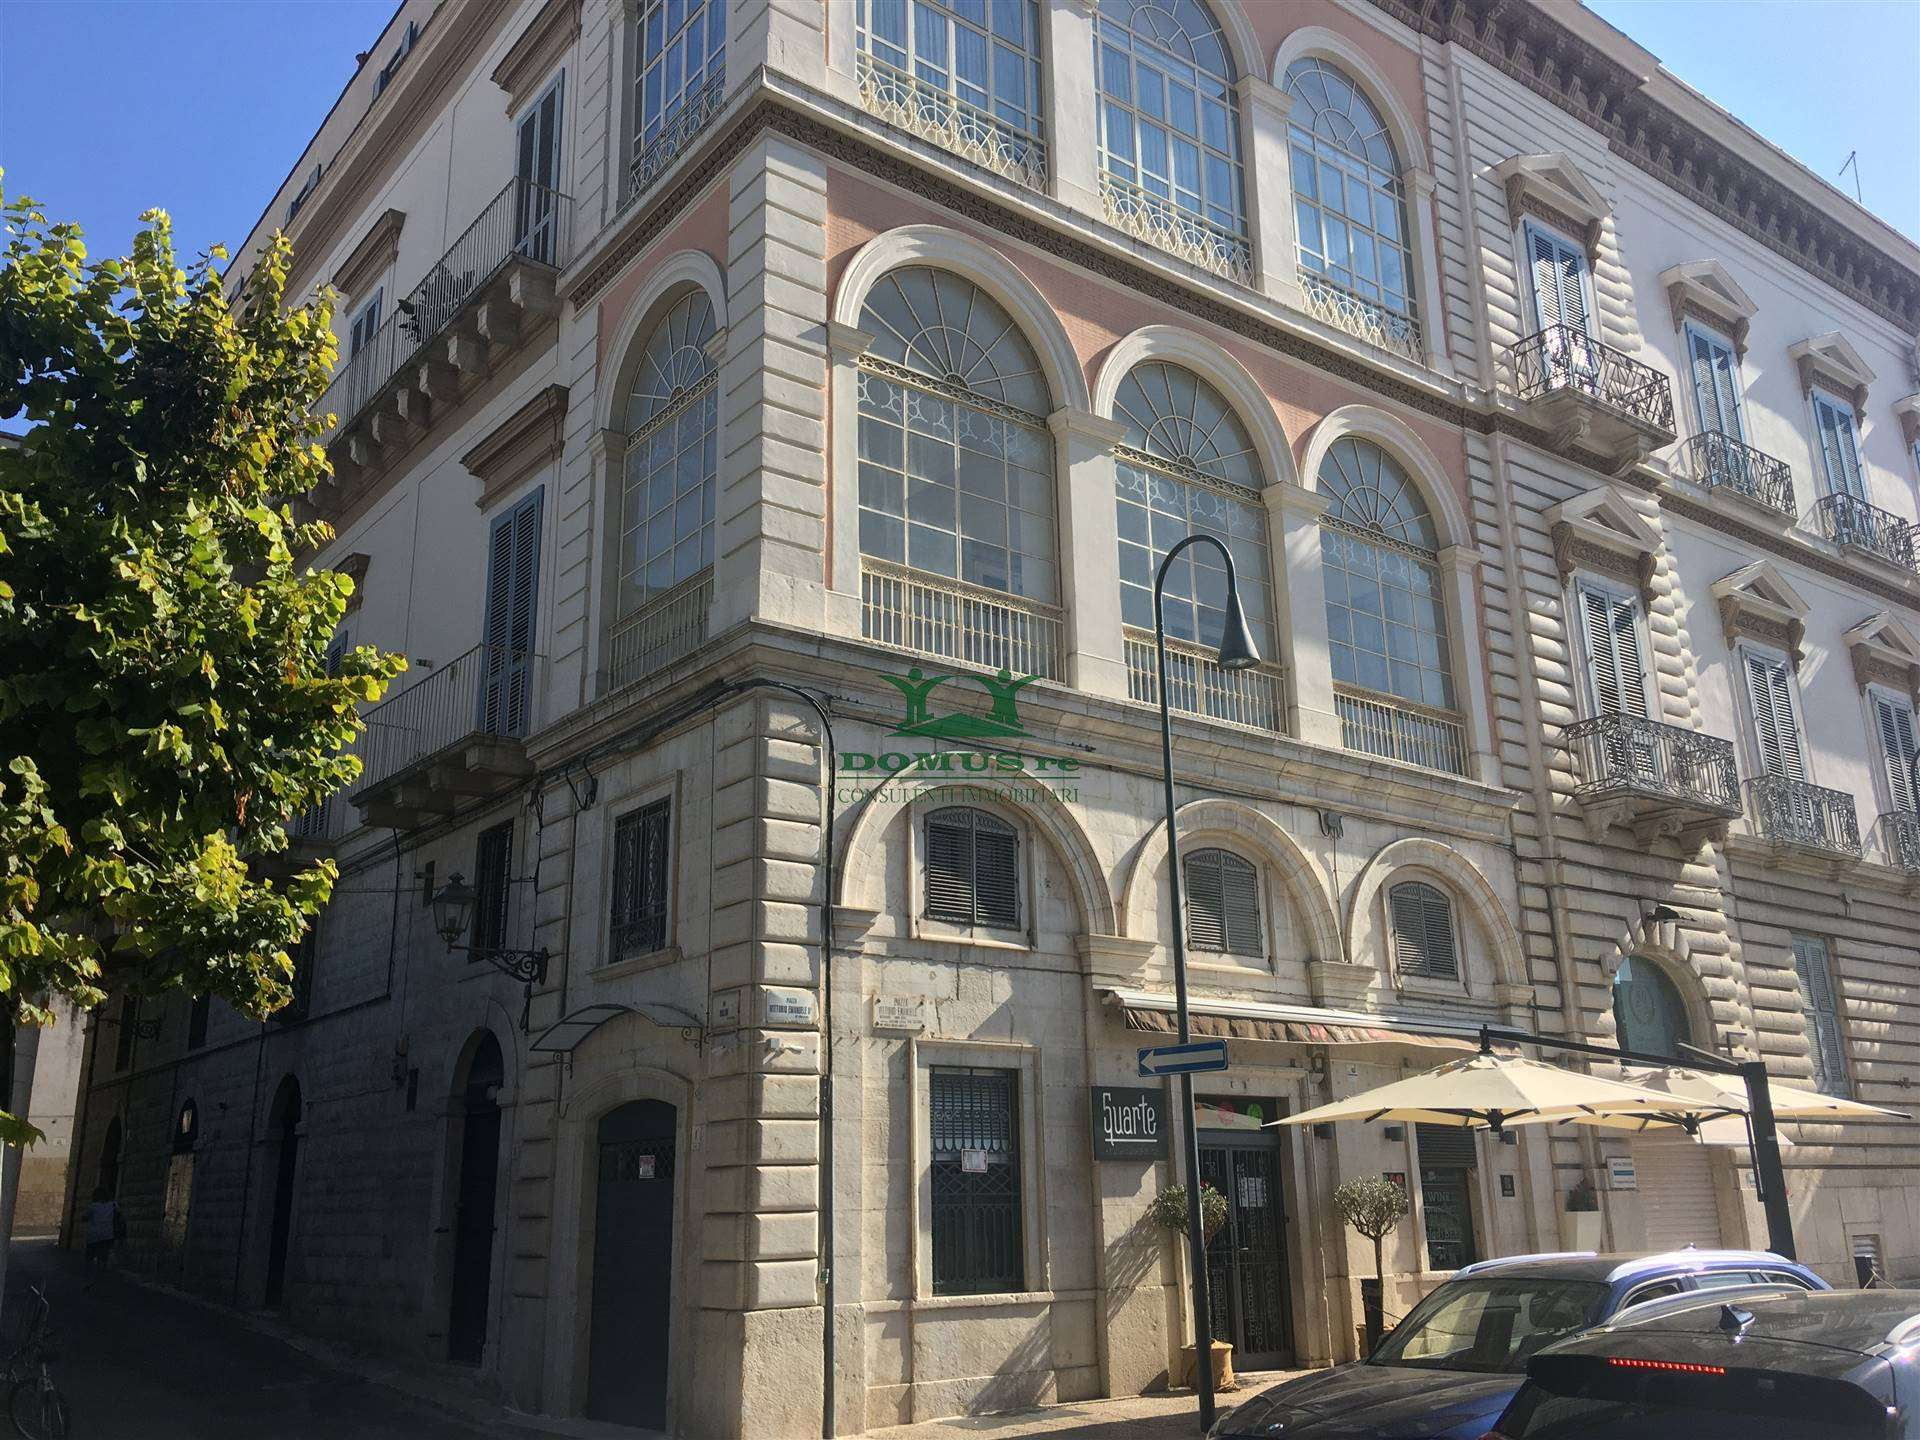 Ufficio / Studio in affitto a Andria, 9999 locali, zona Località: CENTRO, prezzo € 500 | CambioCasa.it